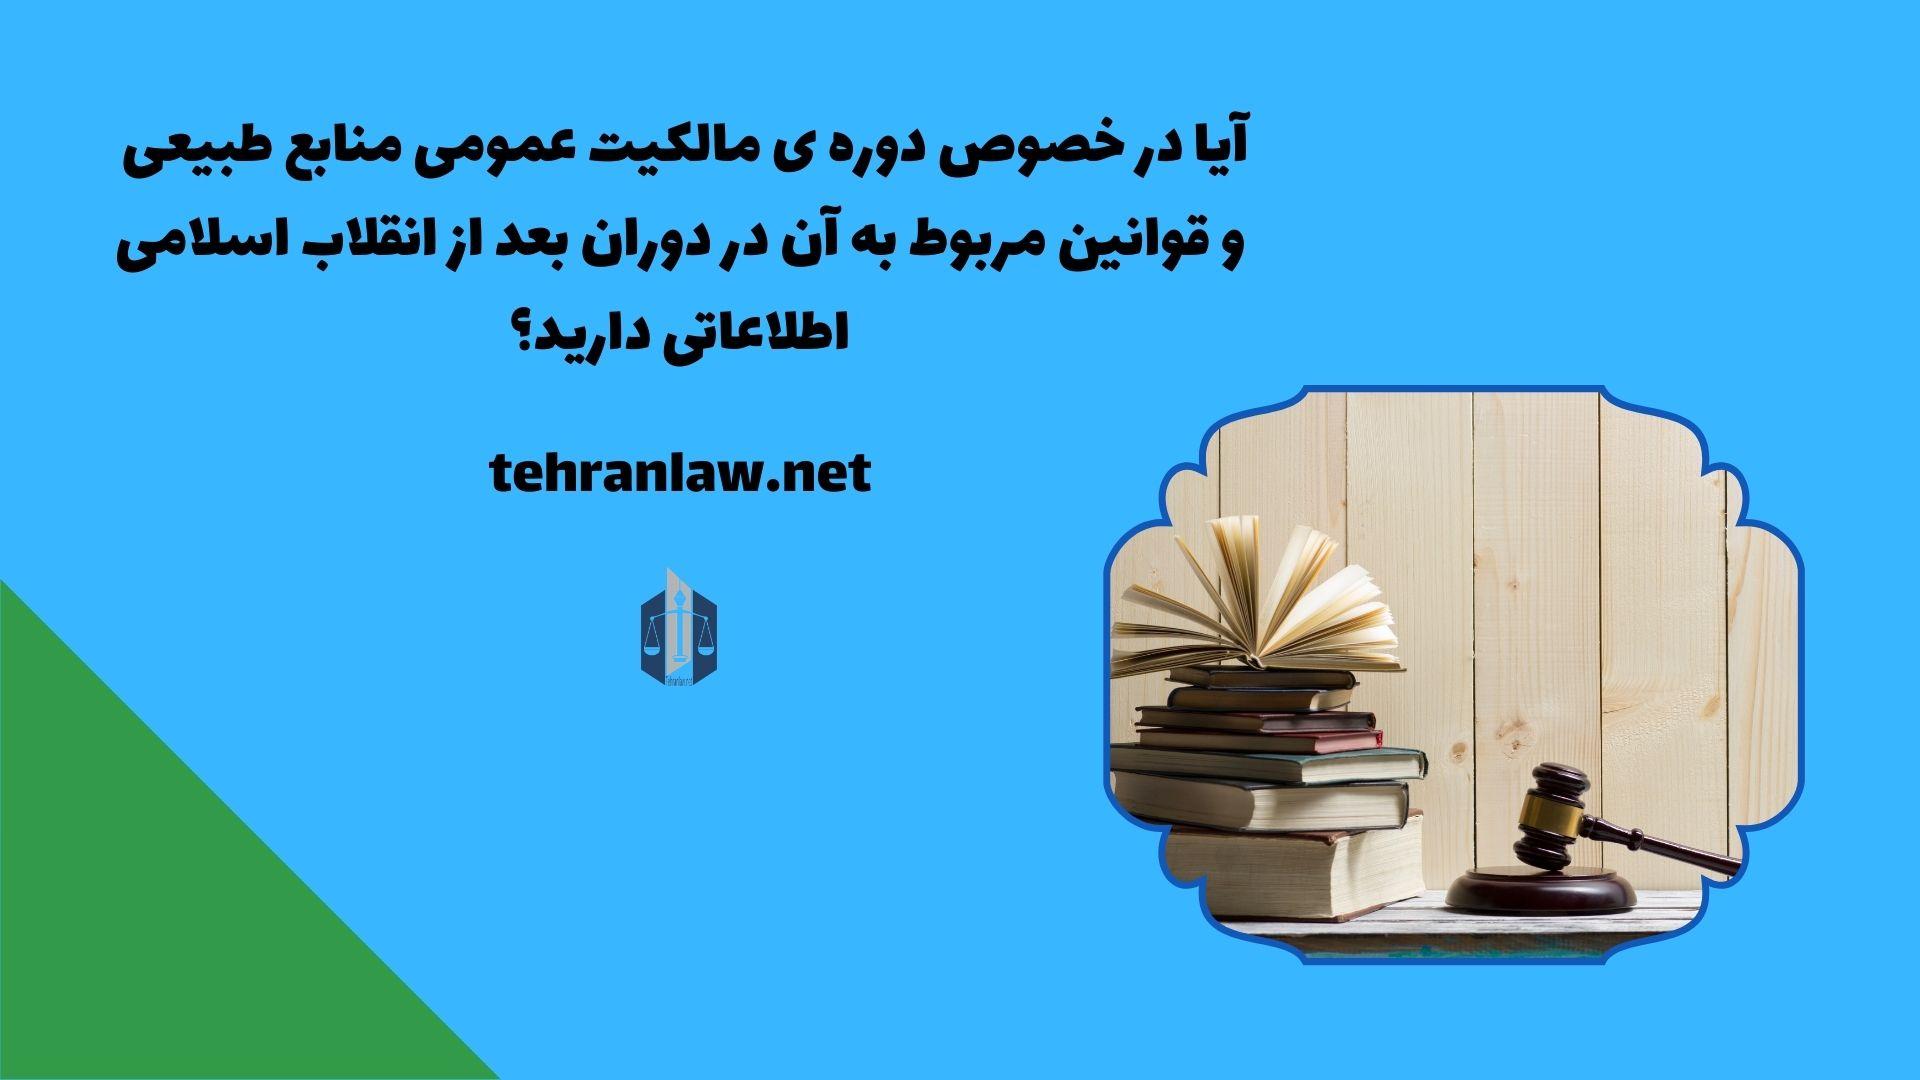 آیا در خصوص دوره ی مالکیت عمومی منابع طبیعی و قوانین مربوط به آن در دوران بعد از انقلاب اسلامی اطلاعاتی دارید؟